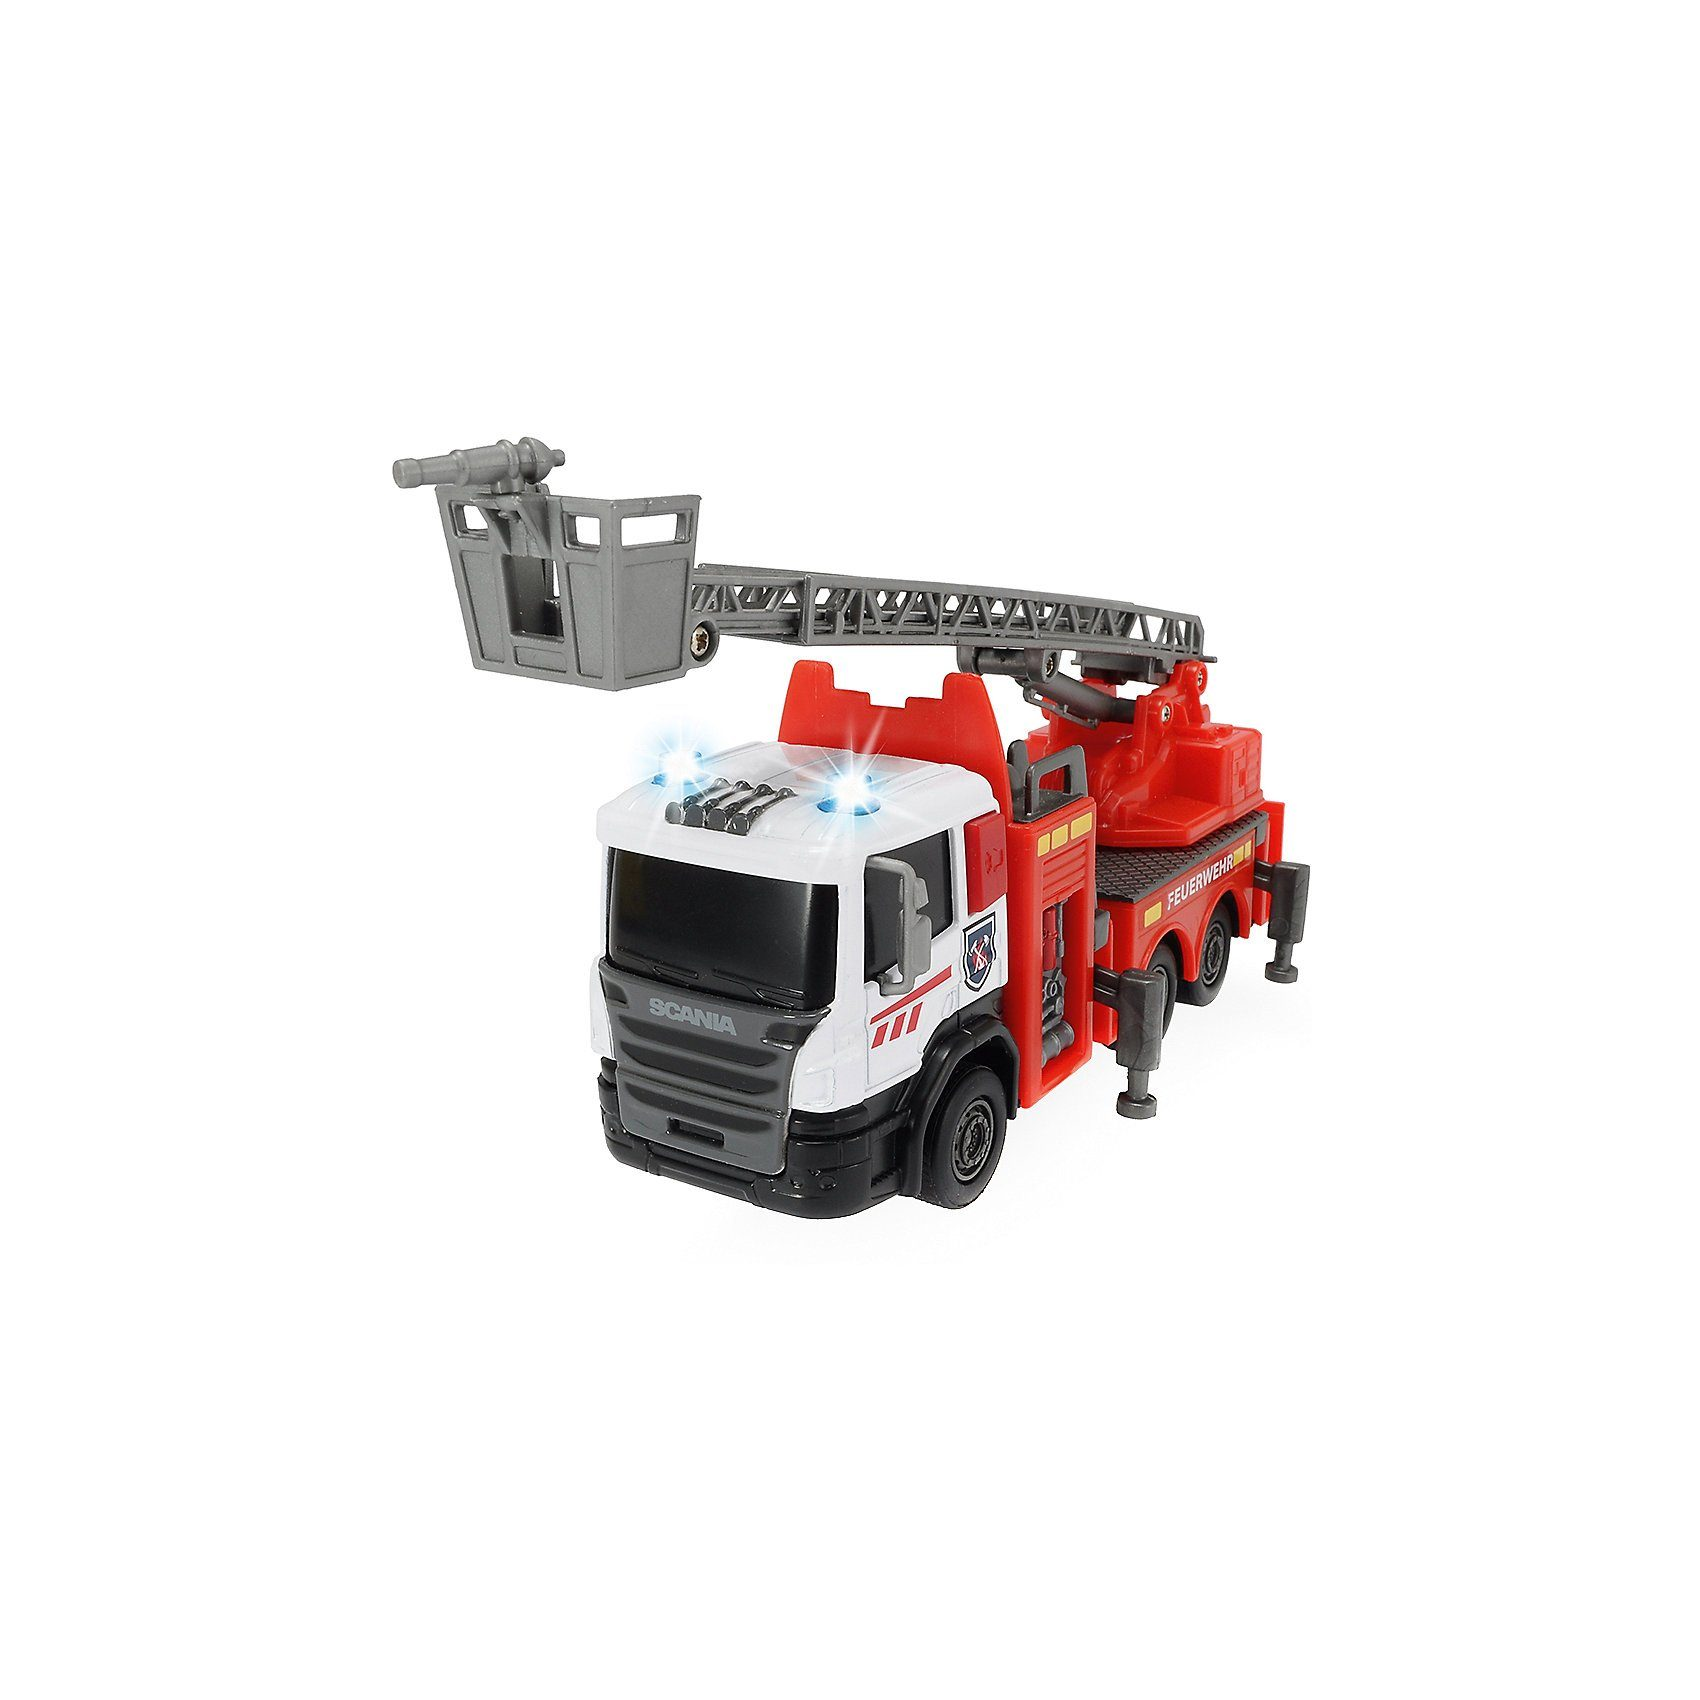 Dickie Toys Scania Fire Engine, Feuerwehr mit ausziehbarer Leiter